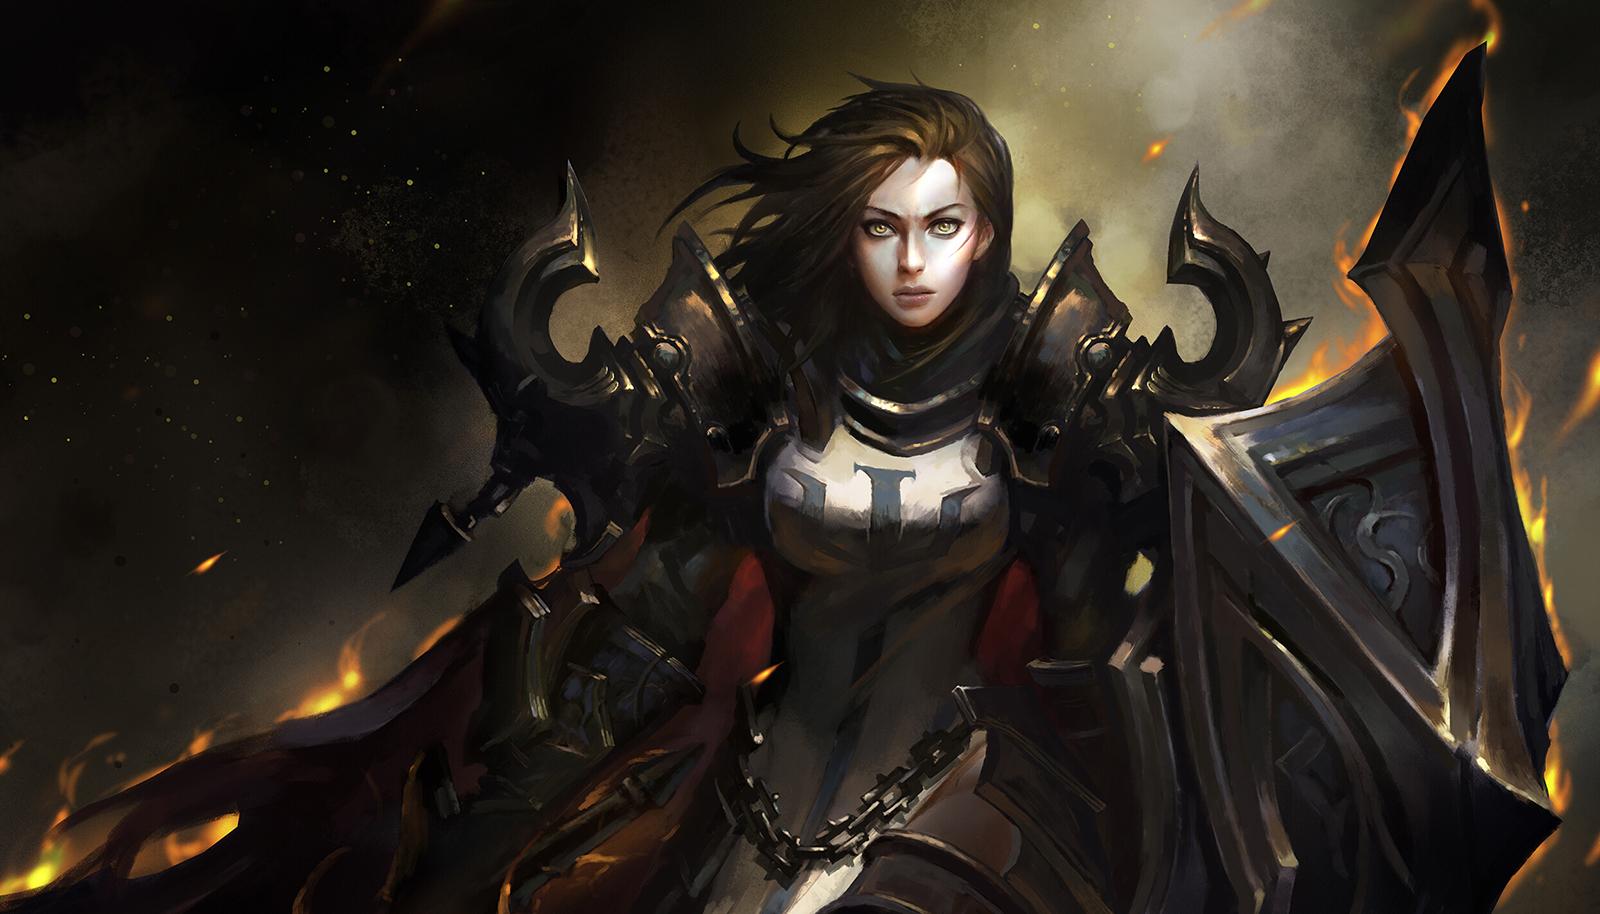 玩家作品:女战神一般的圣教军